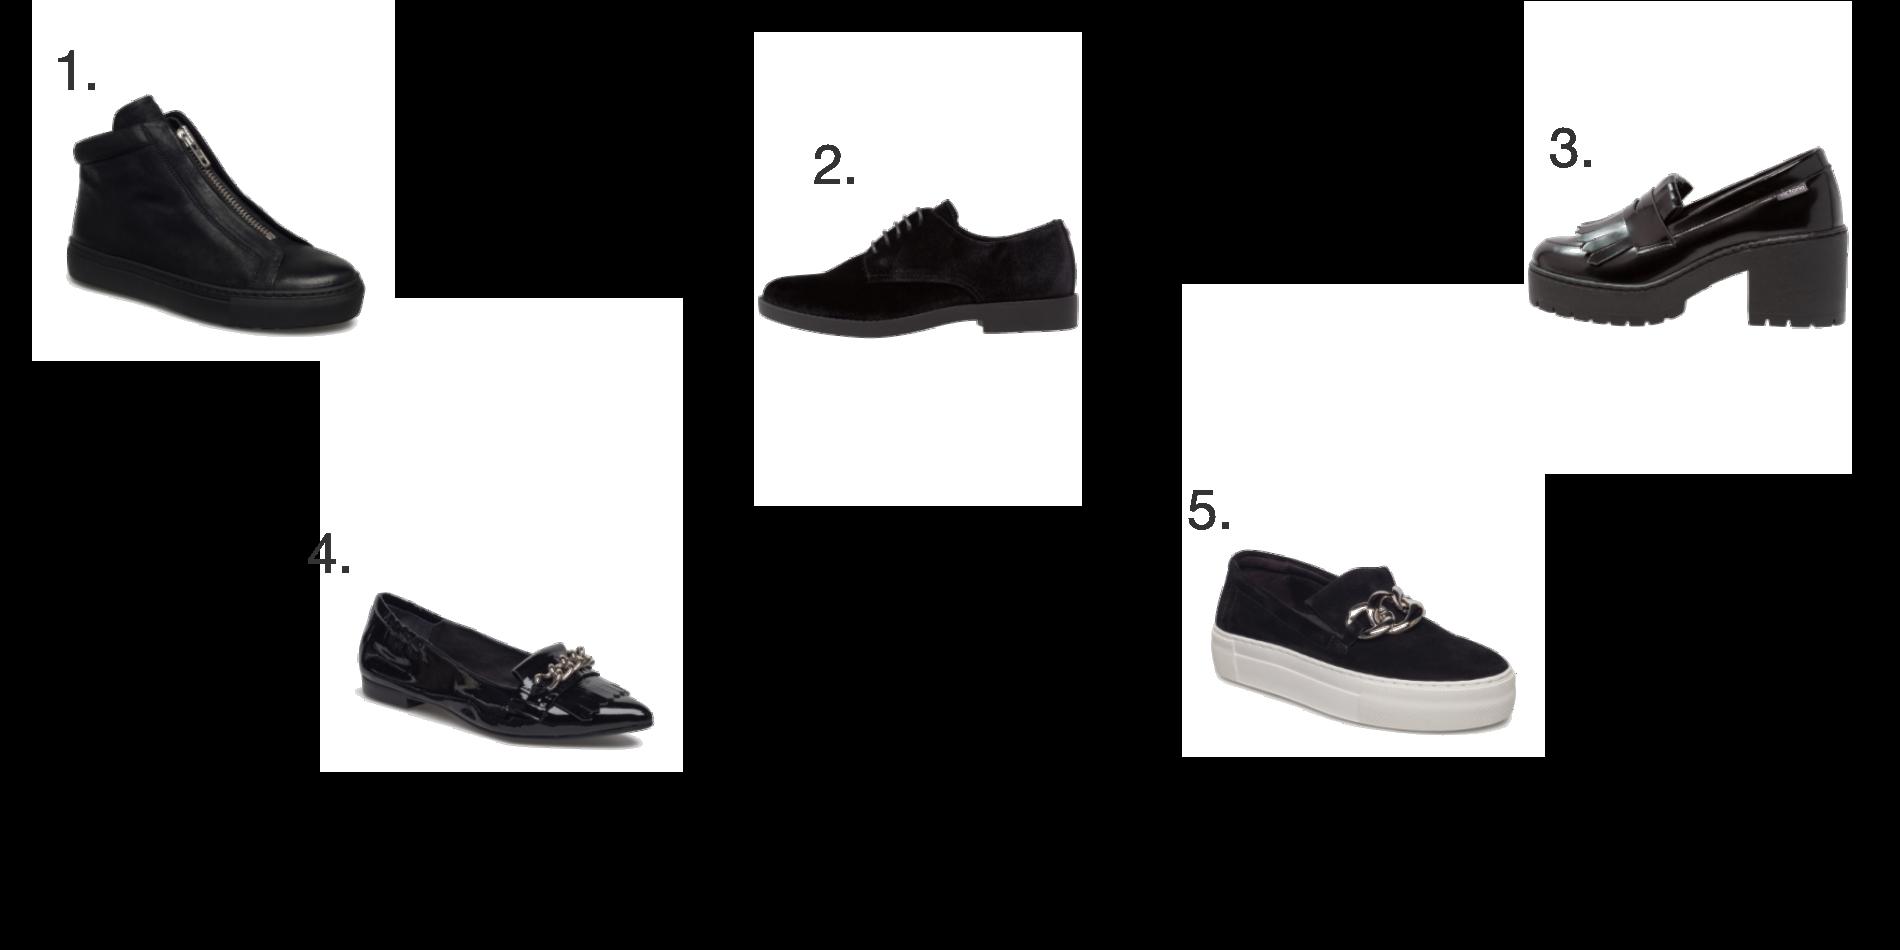 Five beautiful shoes